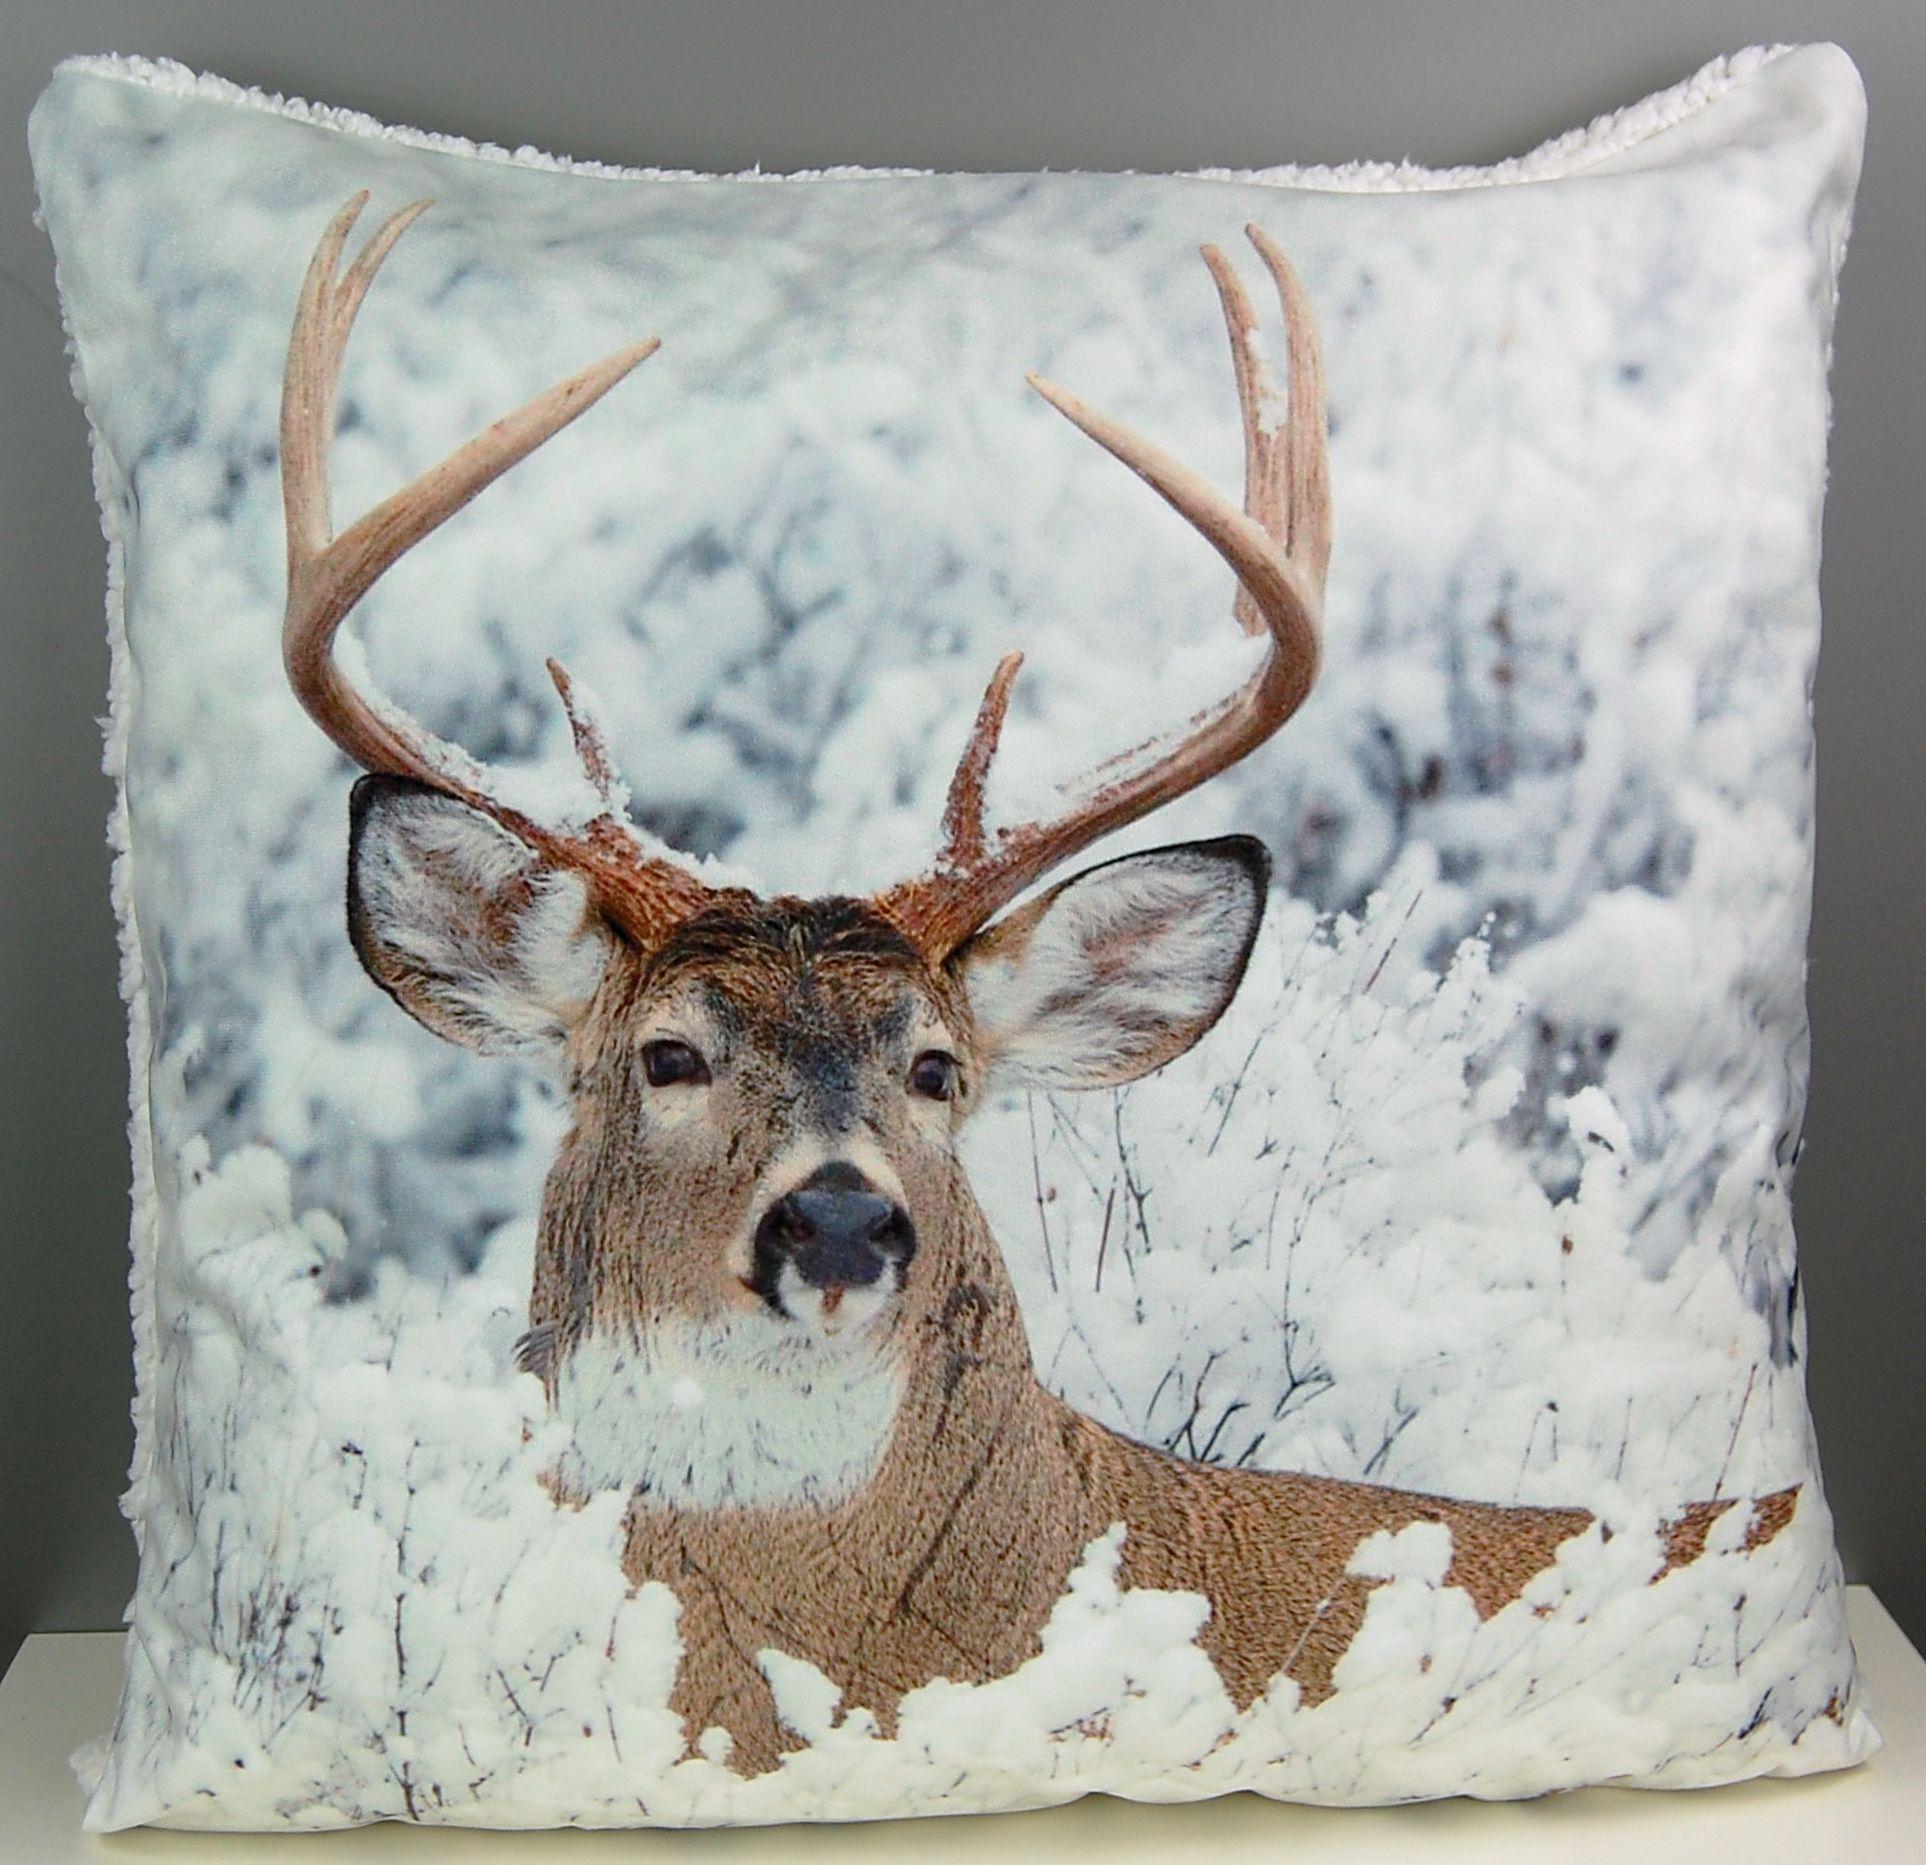 fotokissen 50x50 cm weihnachten kissenh lle pl schkissen kissenbezug kissen sofa ebay. Black Bedroom Furniture Sets. Home Design Ideas